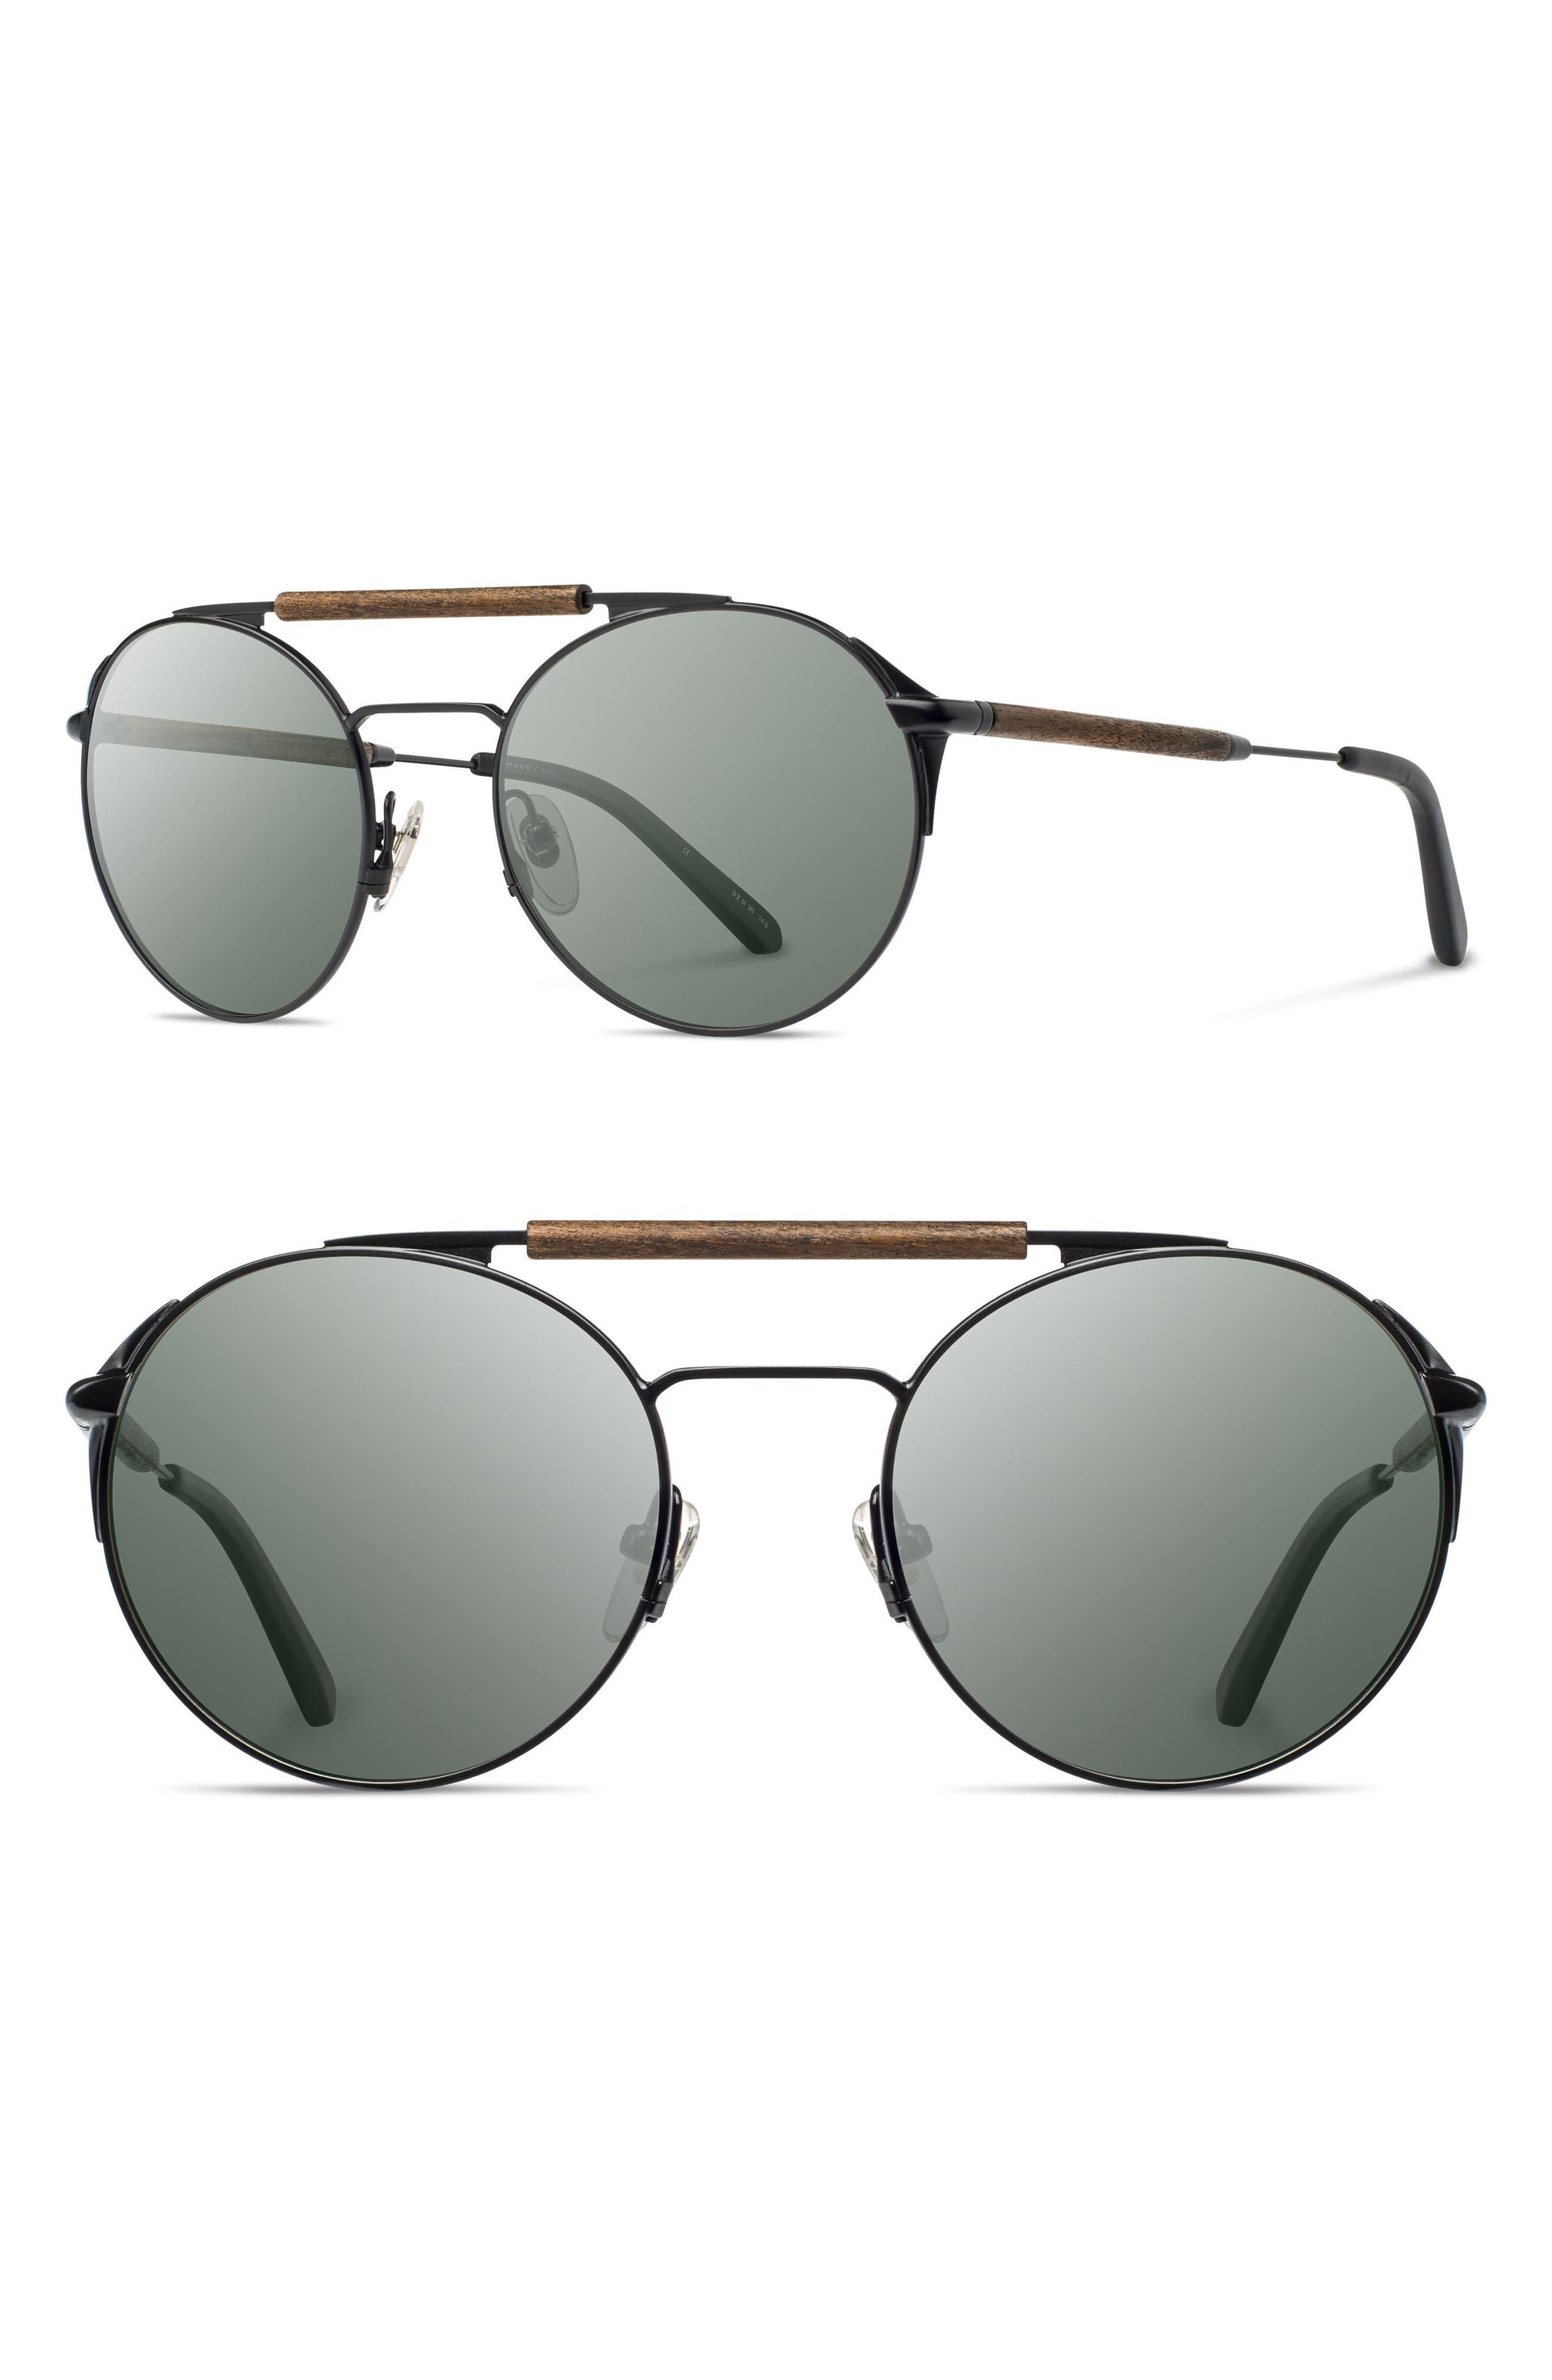 Alternate Image 1 Selected - Shwood Bandon 52mm Round Sunglasses